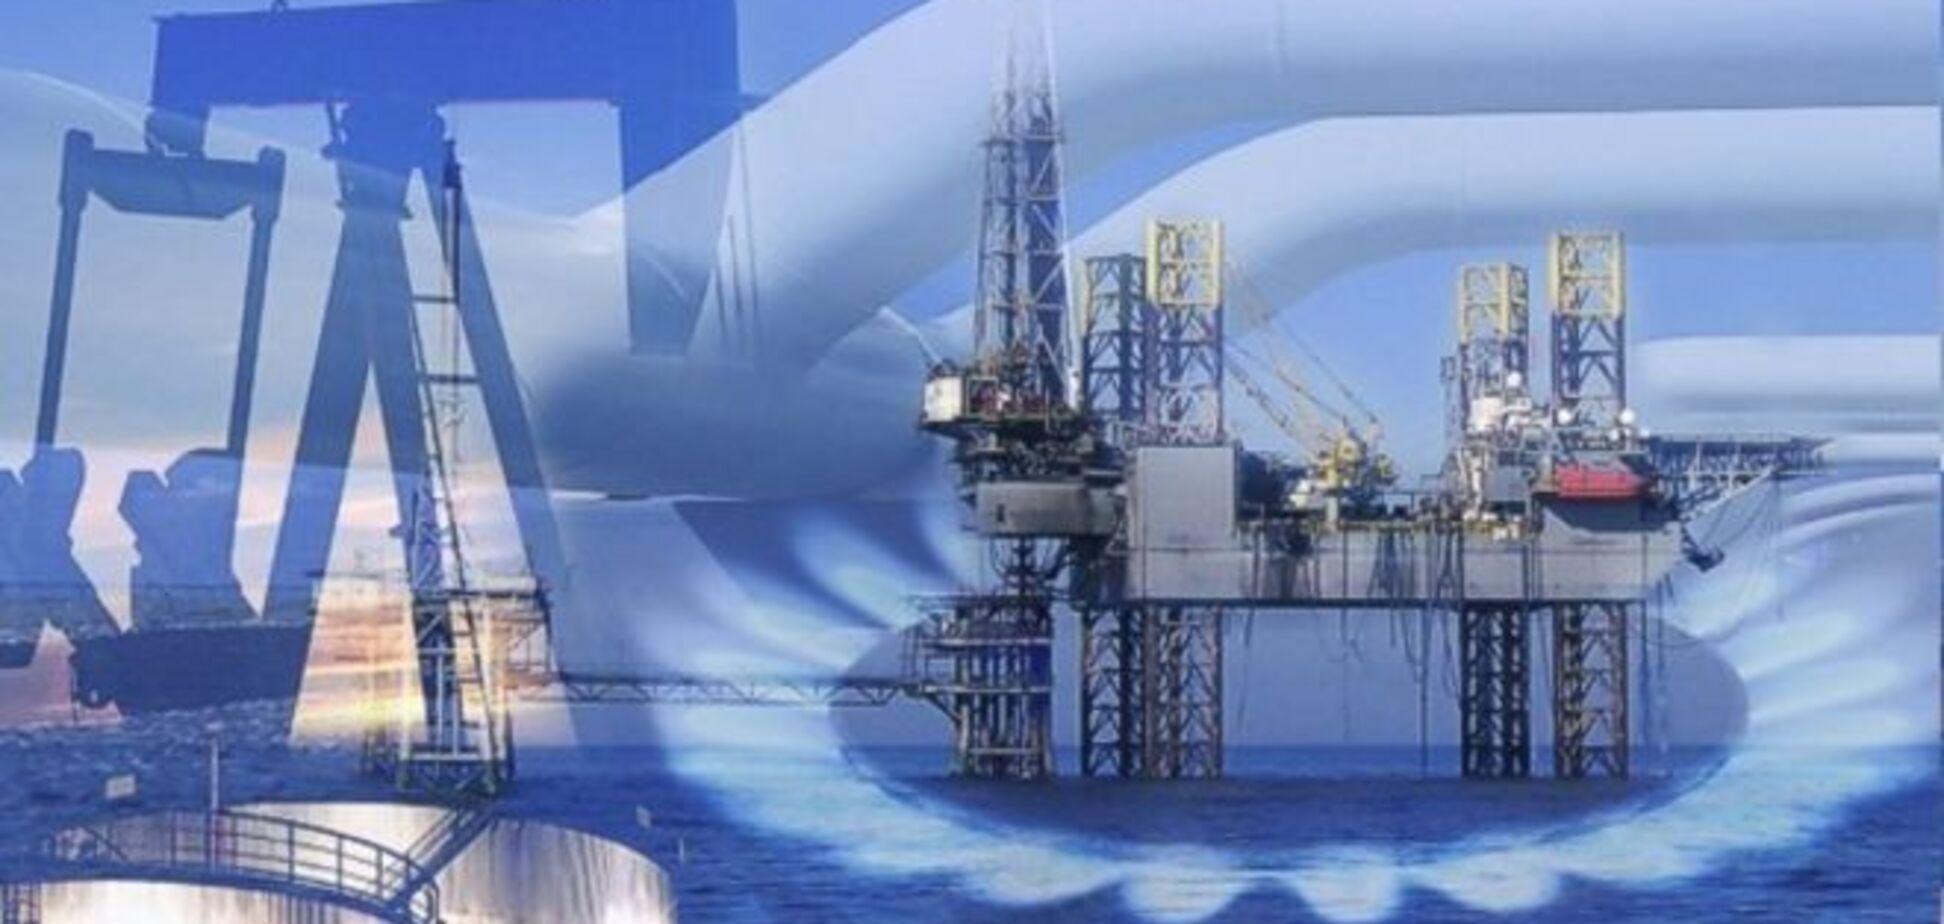 Эксперт: Украина не будет энергозависимой, если лишить 'Нафтогаз' статуса монополиста